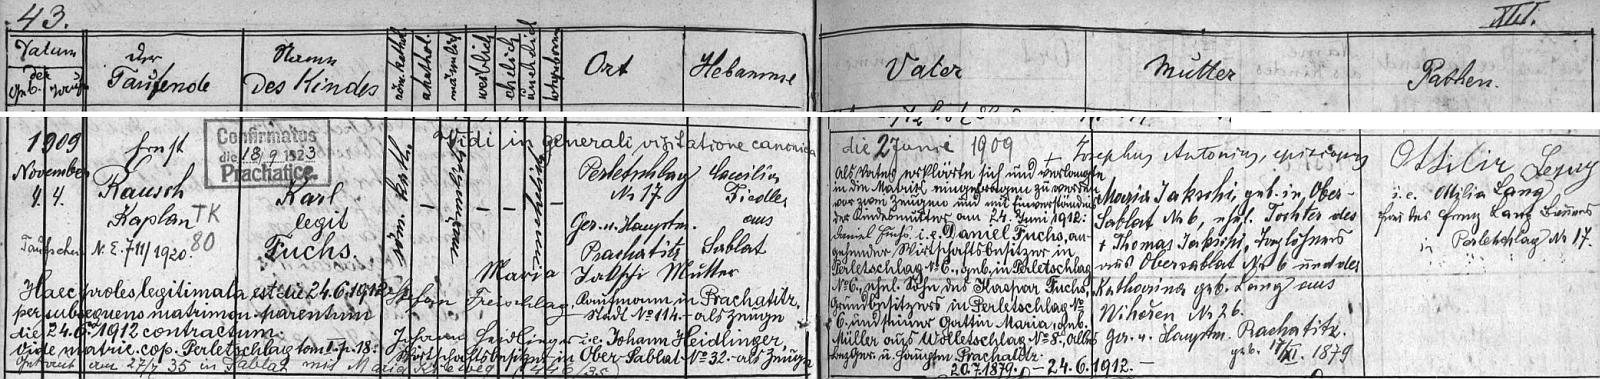 """Dosti obsažný záznam o jeho narození a """"legitimizaci"""" v prachatické křestní matrice pro osadu Perlovice"""